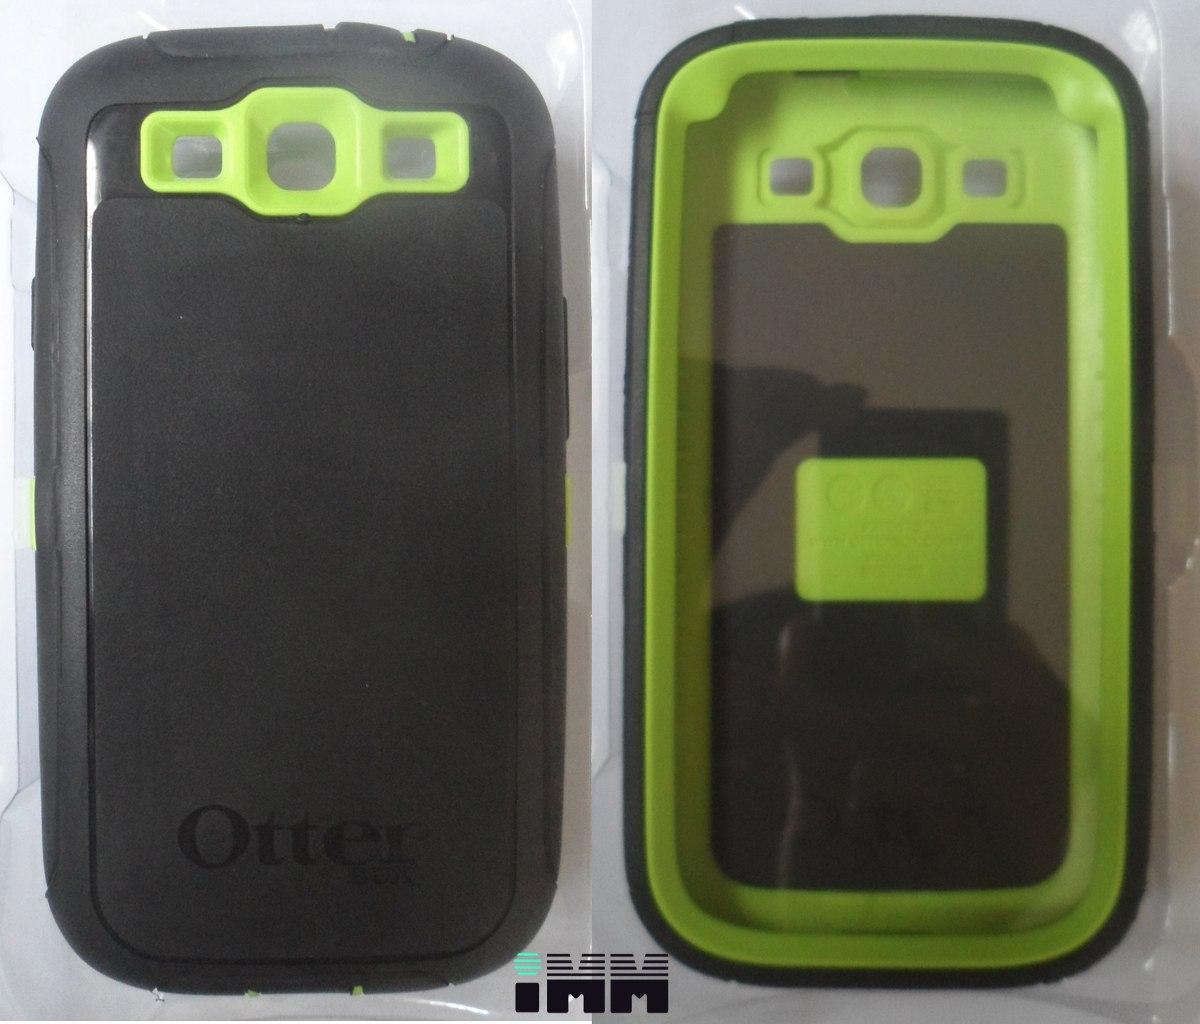 e514ad6c15b Forro Estuche Otterbox Defender Otter Box Samsung Galaxy S3 - Bs. 0 ...